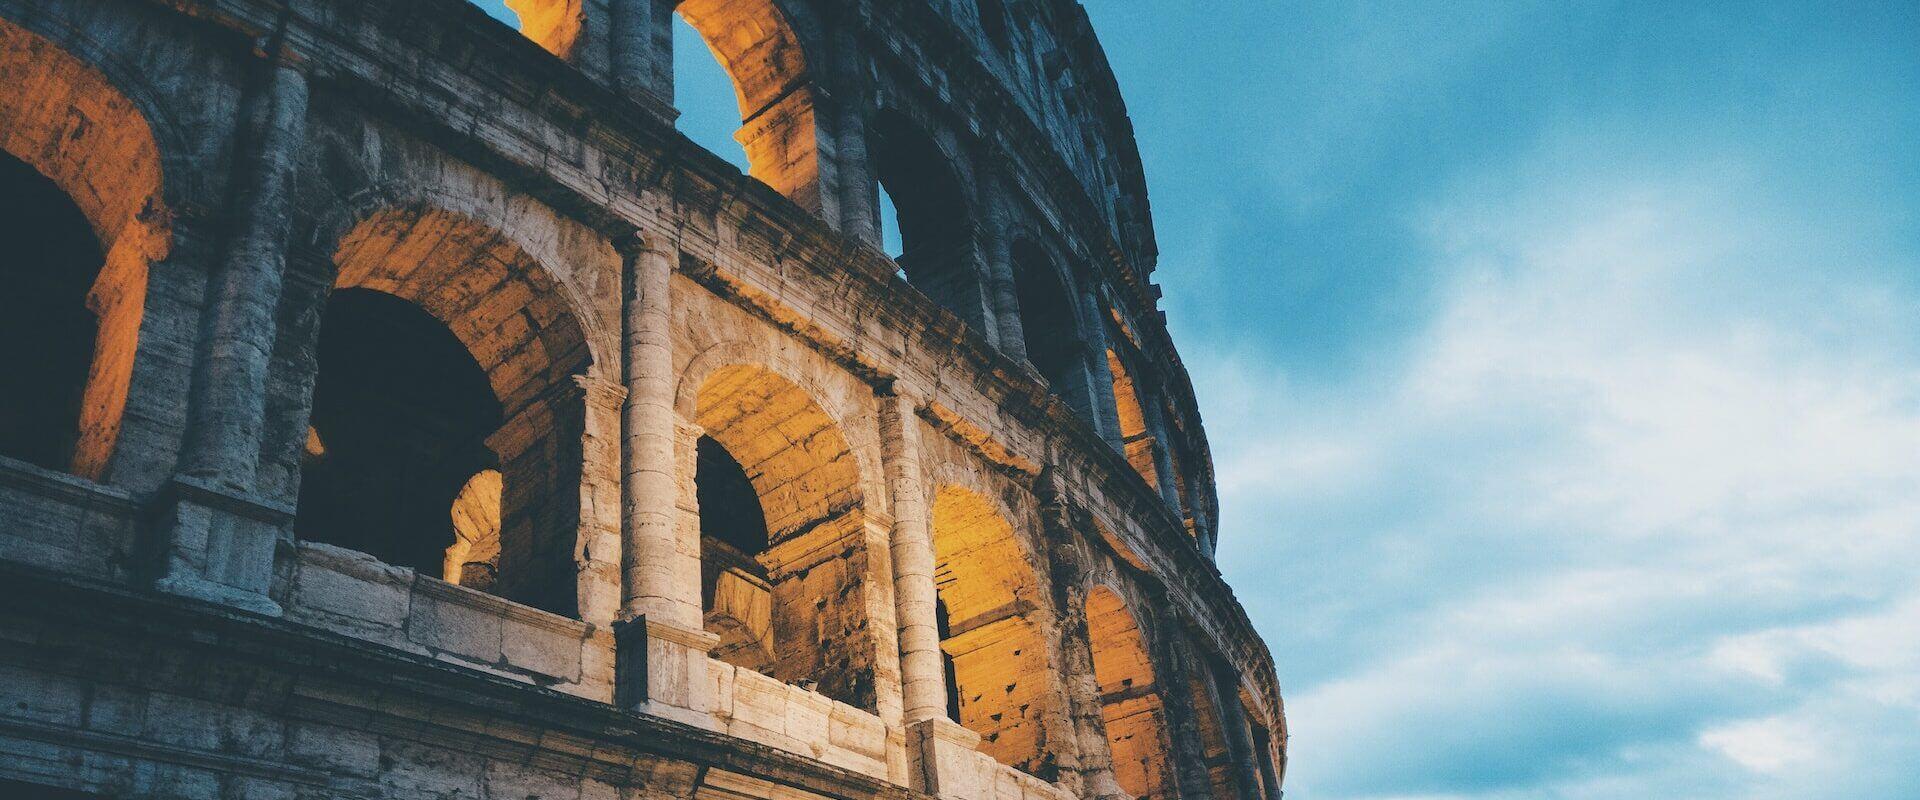 Prenota un'esperienza unica in Italia